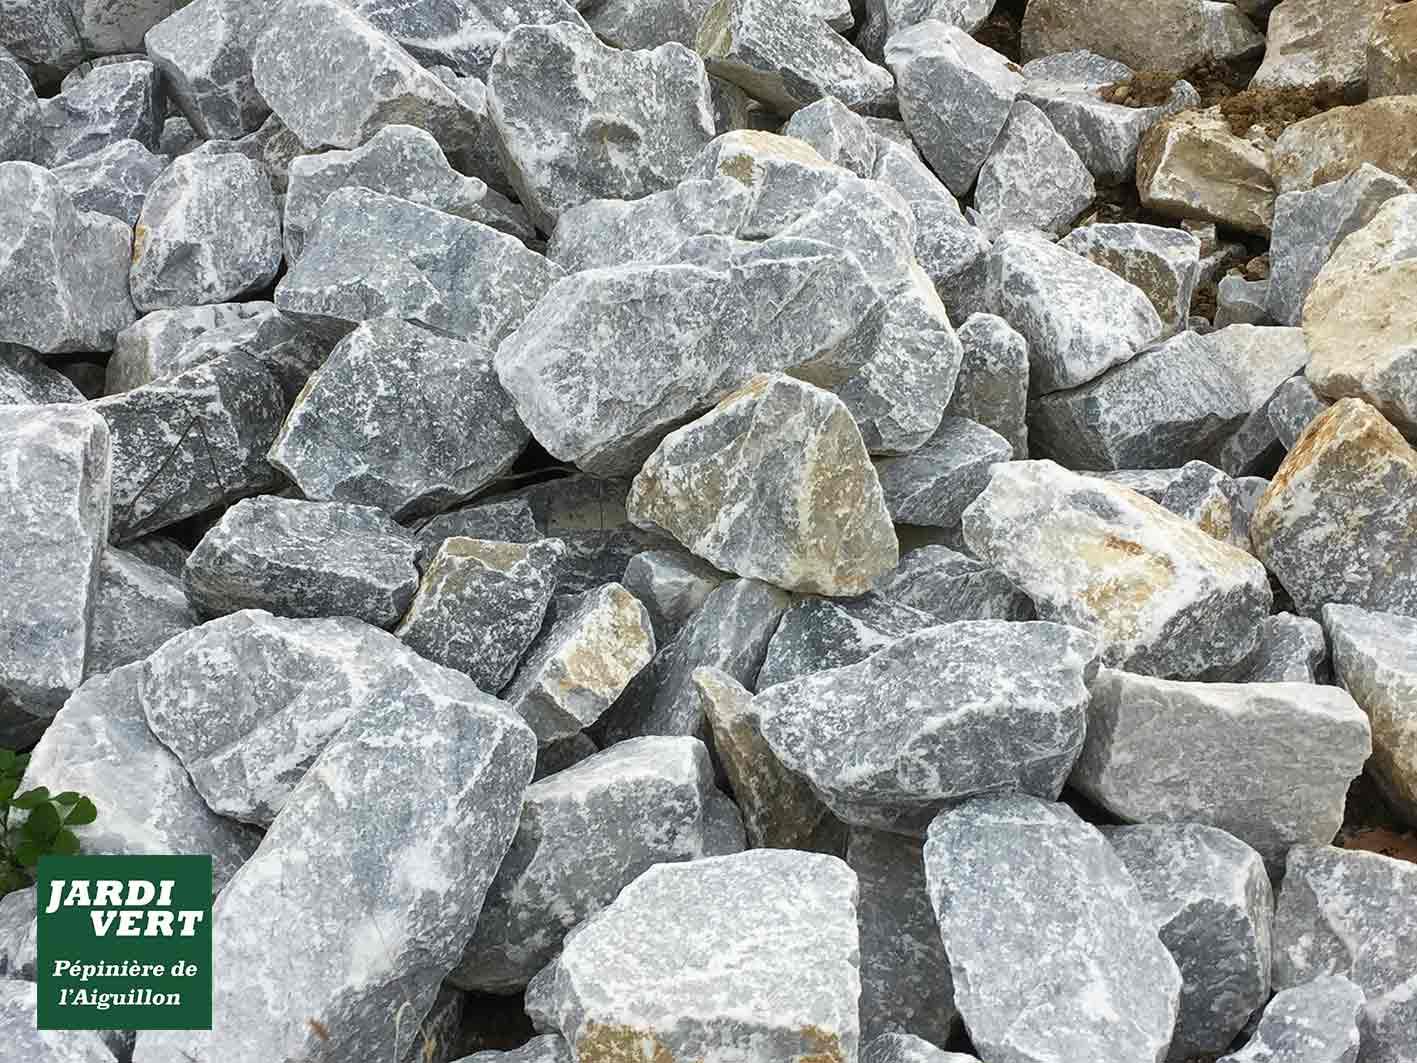 Vente de pierres bleu gris, rocher, caillous déco pour jardin minéral et massifs - Pépinière de l'Aiguillon Frouzins